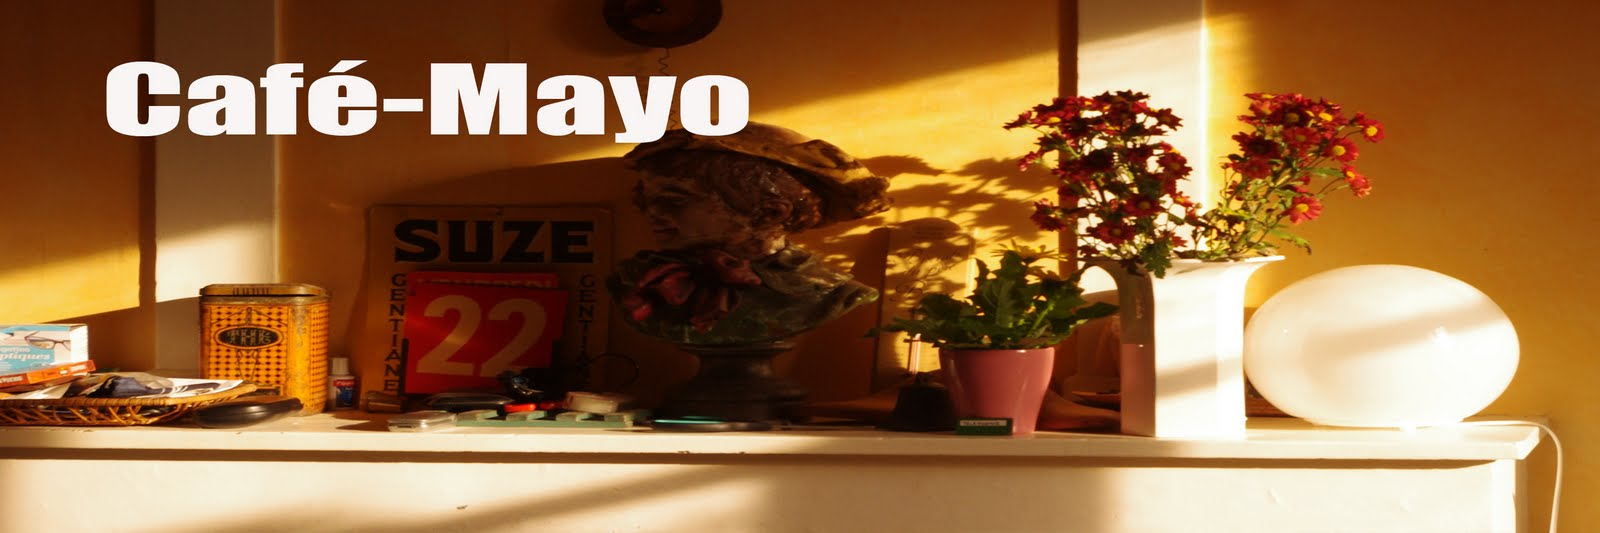 Café-Mayo